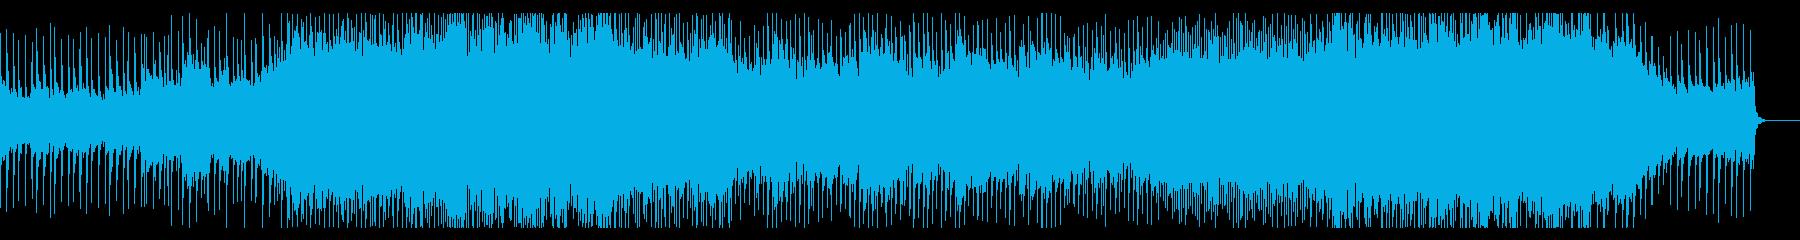 バイオリンの爽やかなポップロック2の再生済みの波形